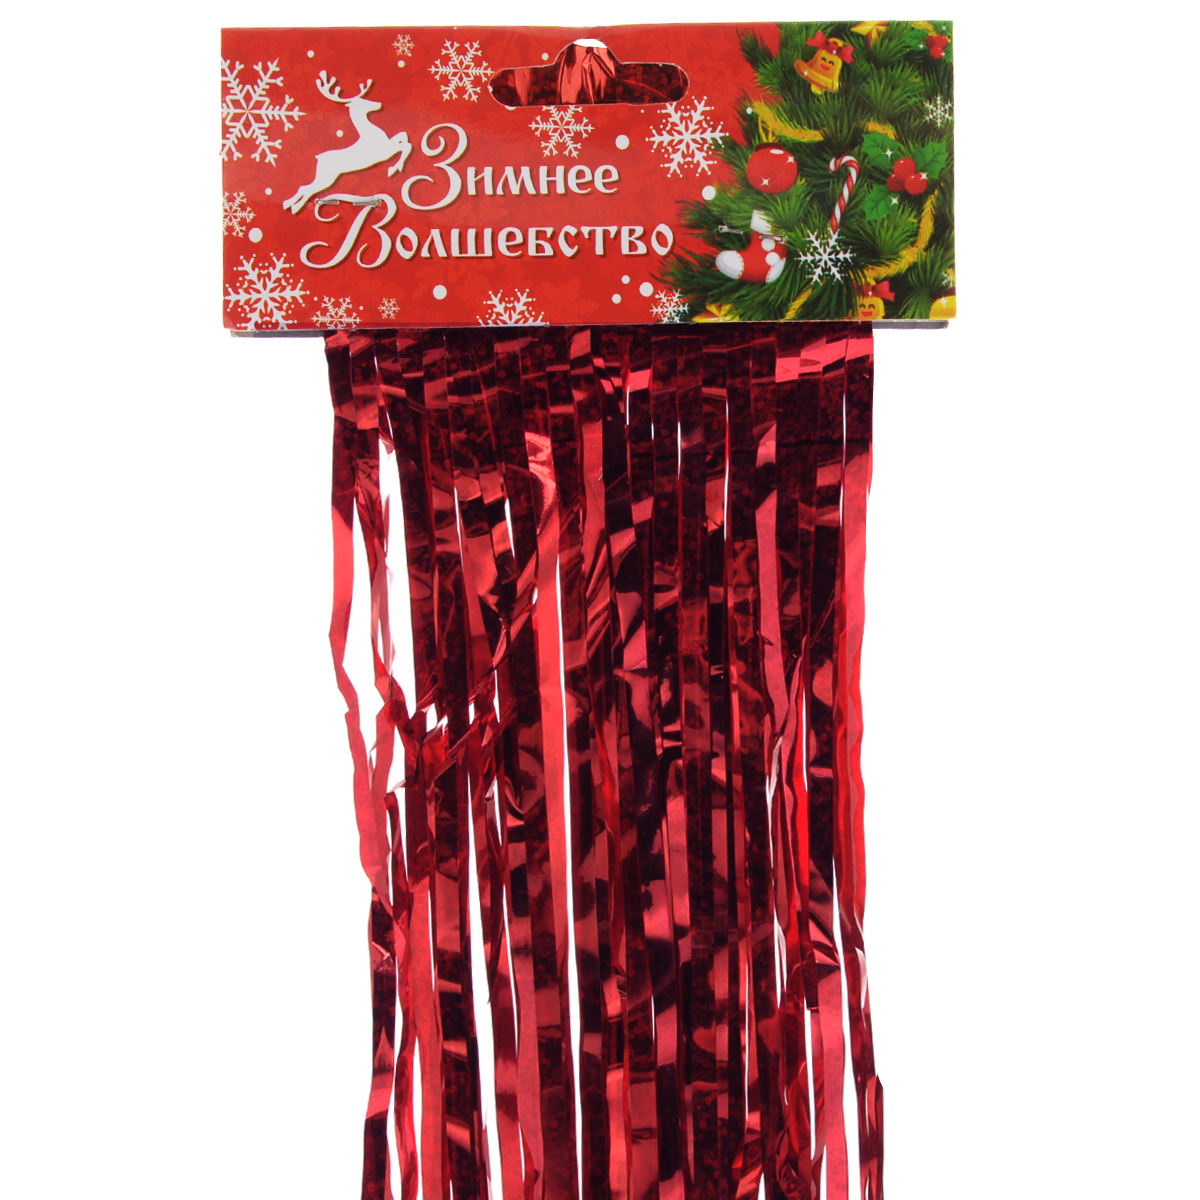 Дождик новогодний Sima-land, цвет: красный, 15 х 100 см. 702534702534Дождик новогодний Sima-land, изготовленный из фольги, поможет вам украсить свой дом к предстоящим праздникам.Новогодняя елка с таким украшением станет еще наряднее. Новогодним дождиком можно украсить все, что угодно - елку, квартиру, дачу, офис - как внутри, так и снаружи. Можно сложить новогодние поздравления, буквы и цифры, дождиком можно украсить и дополнить гирлянды, можно выделить дверные колонны, оплести дверные проемы.